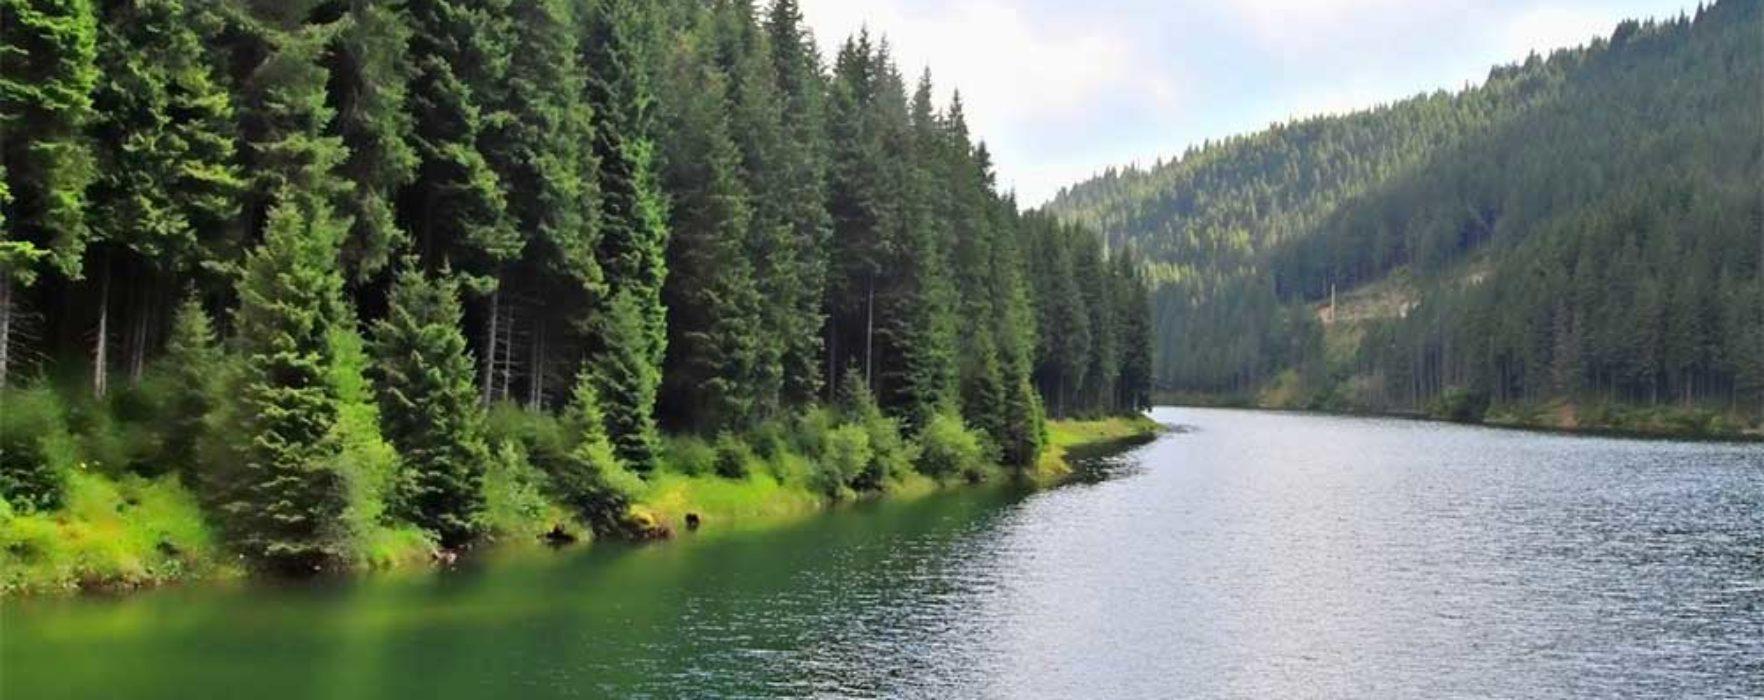 Dâmboviţa: Drumul care ocoleşte Lacul Bolboci va fi asfaltat în acest an